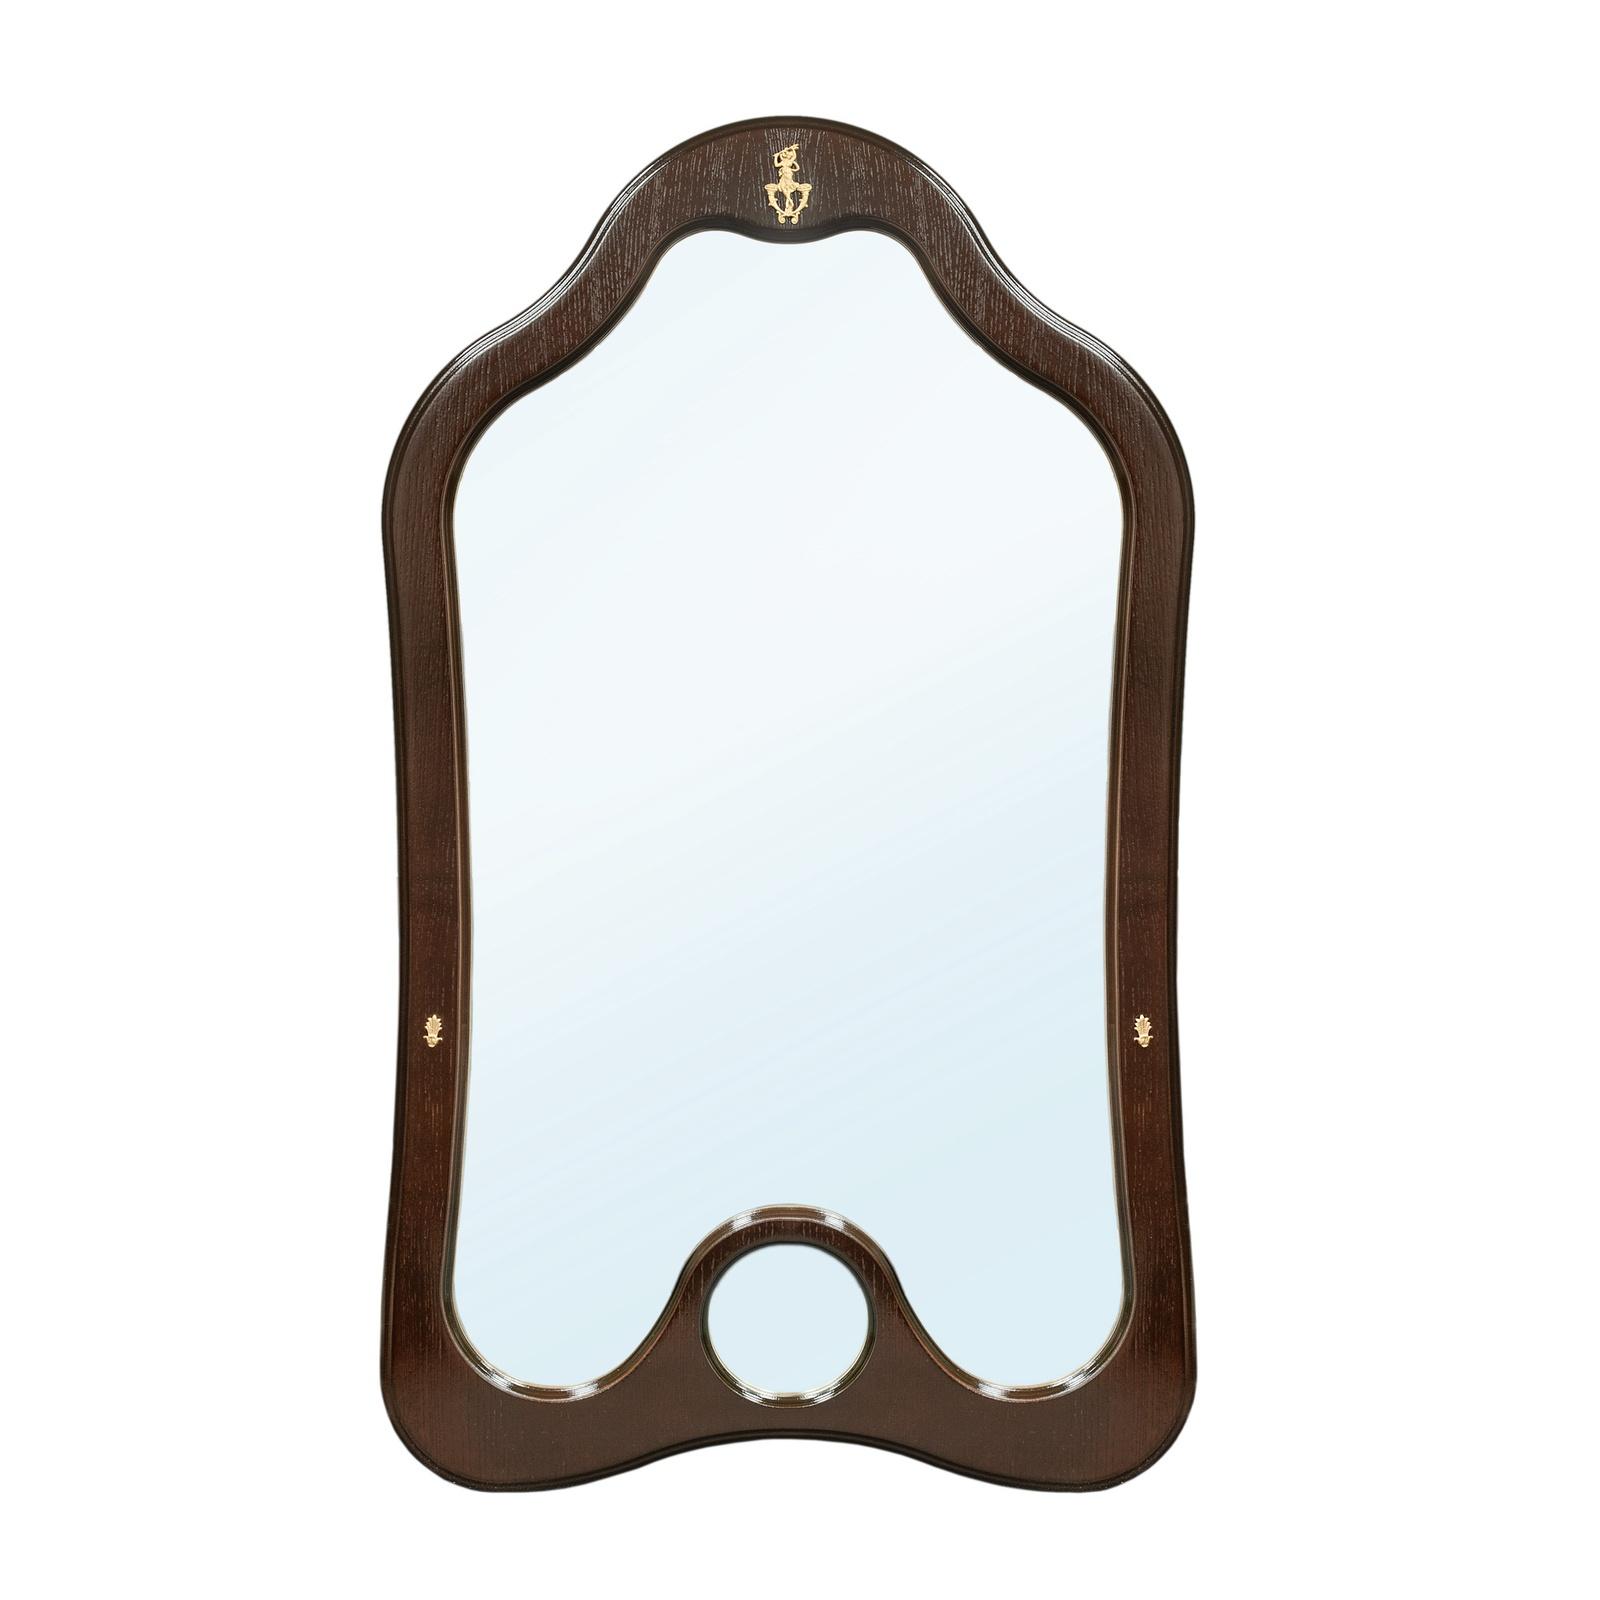 Зеркало настенное Висан Джульетта, коричневый висан банкетка висан джульетта орех qphyt qy